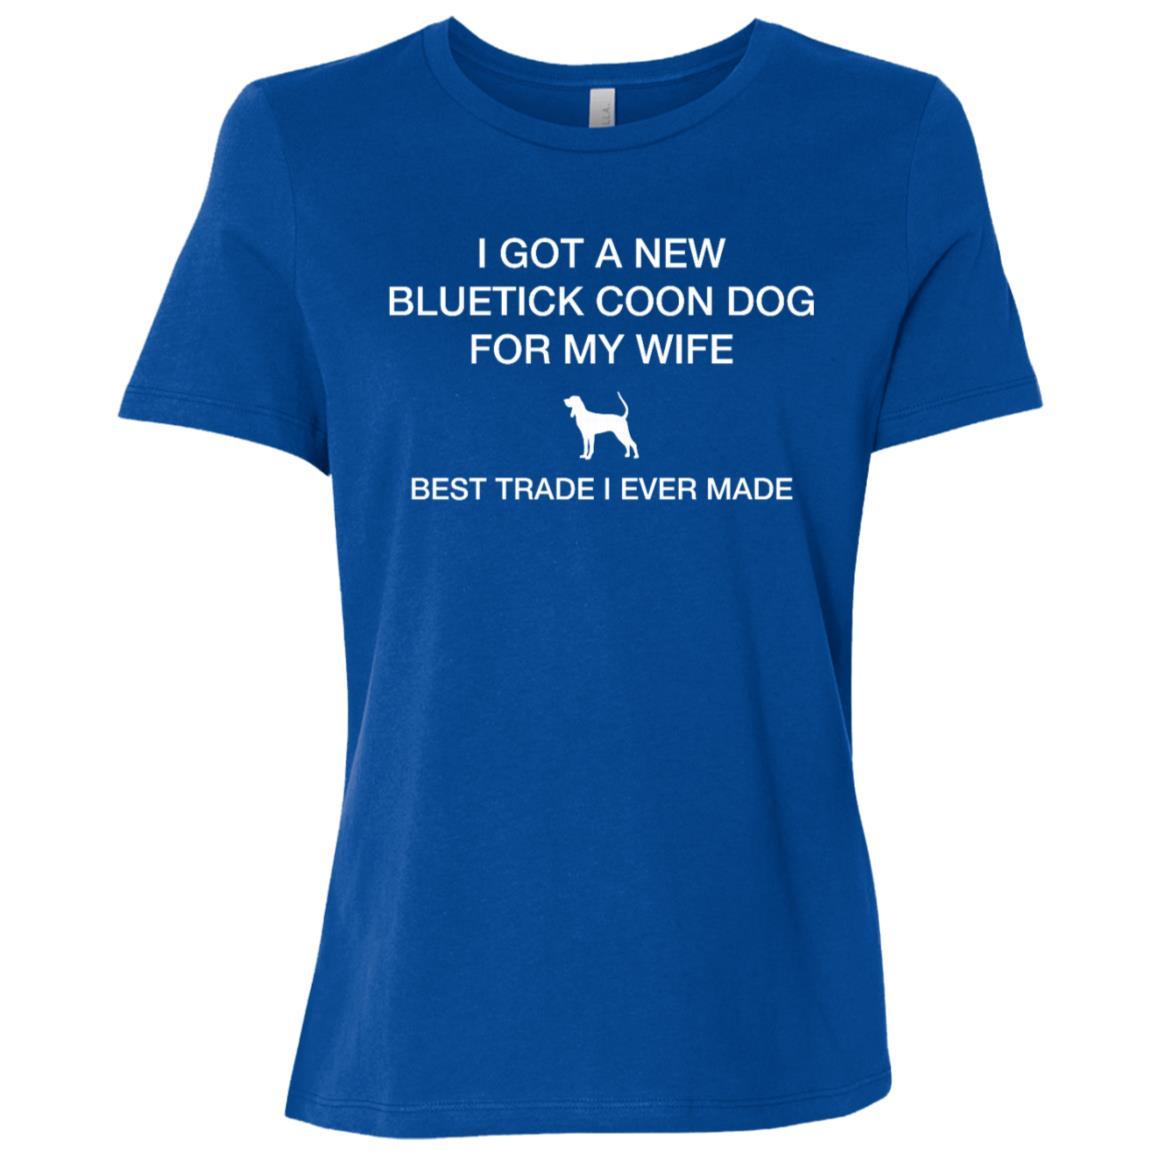 Got My Wife a New Bluetick Coon Dog – Women Short Sleeve T-Shirt